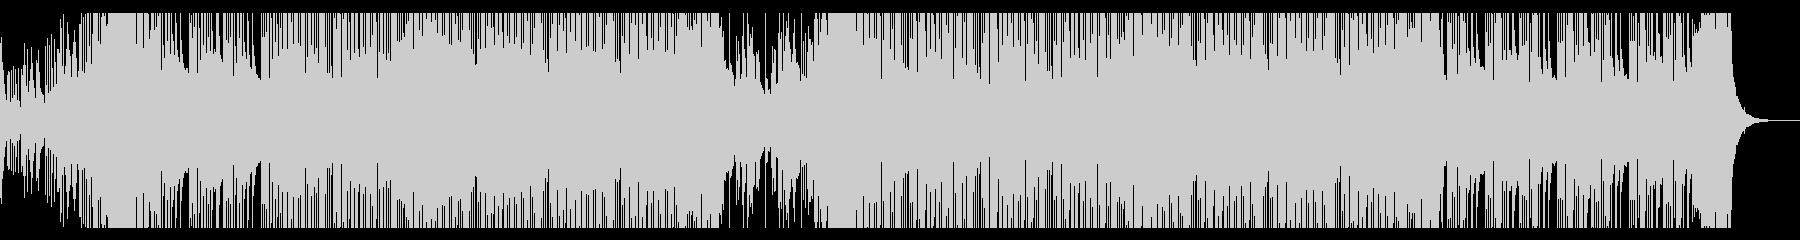 ワークアウトトラップの未再生の波形